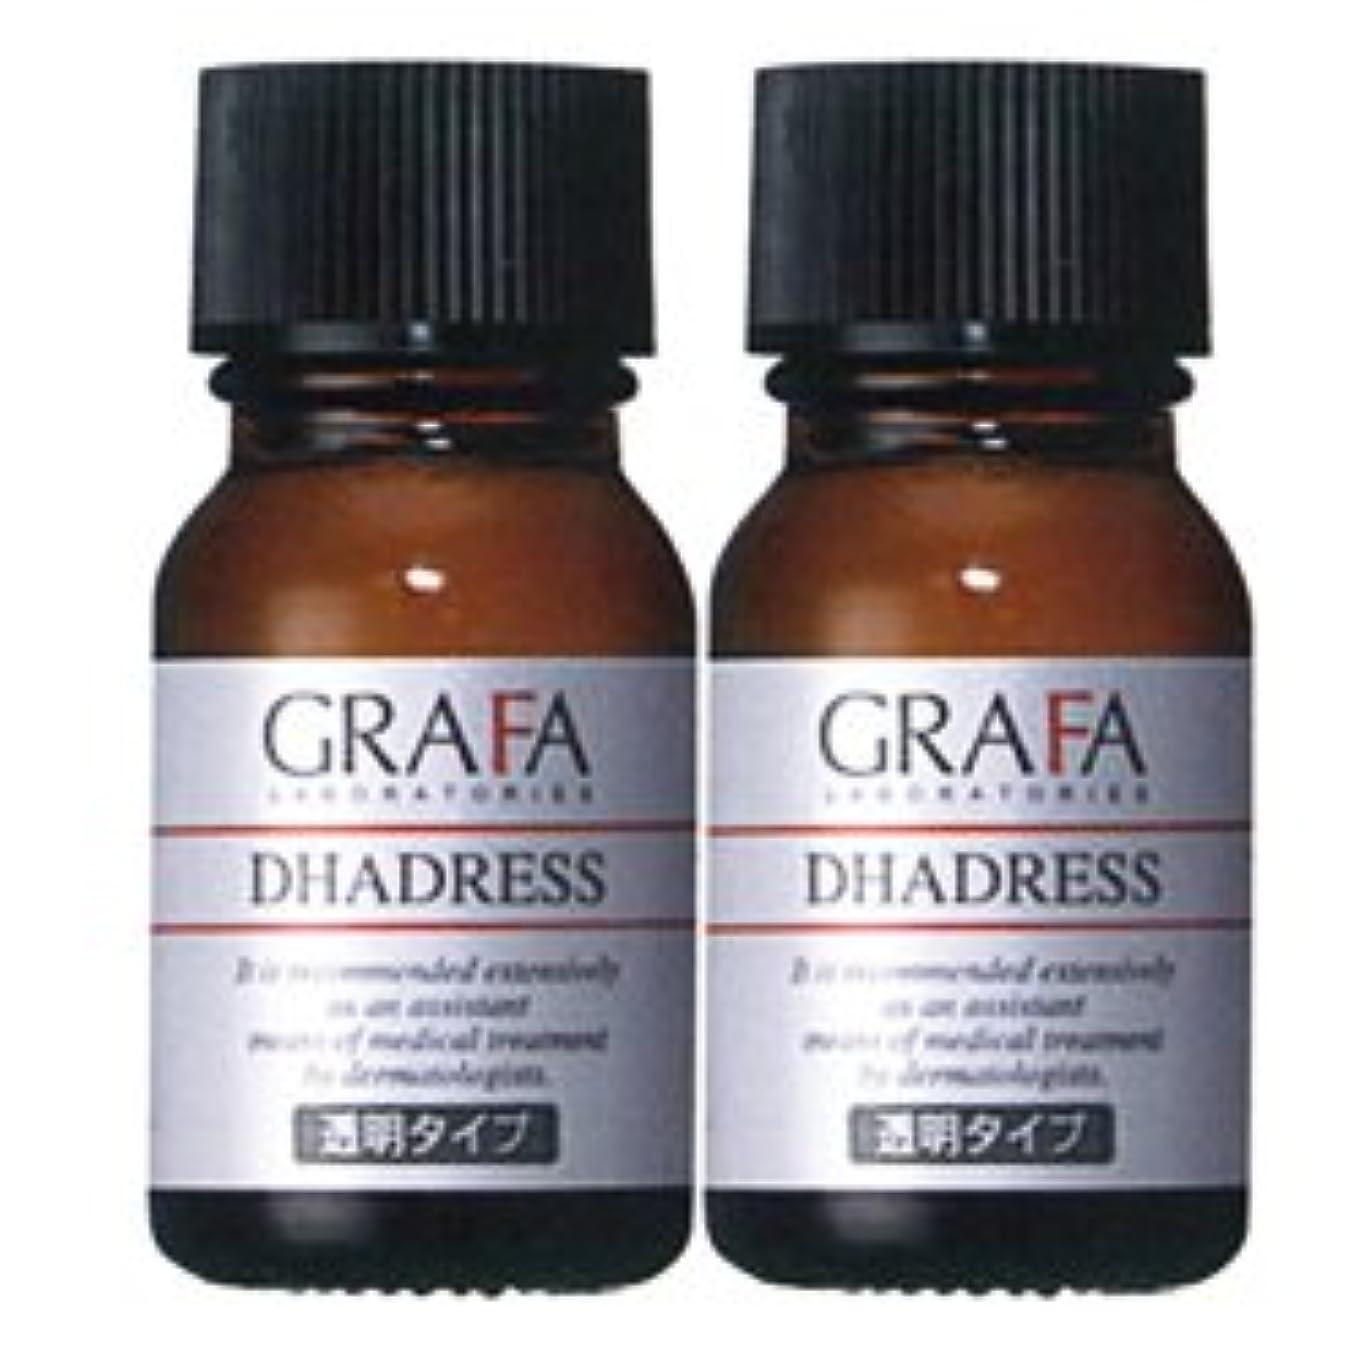 温帯散歩に行く感情グラファ ダドレス (透明タイプ) 11mL 着色用化粧水 GRAFA DHADRESS